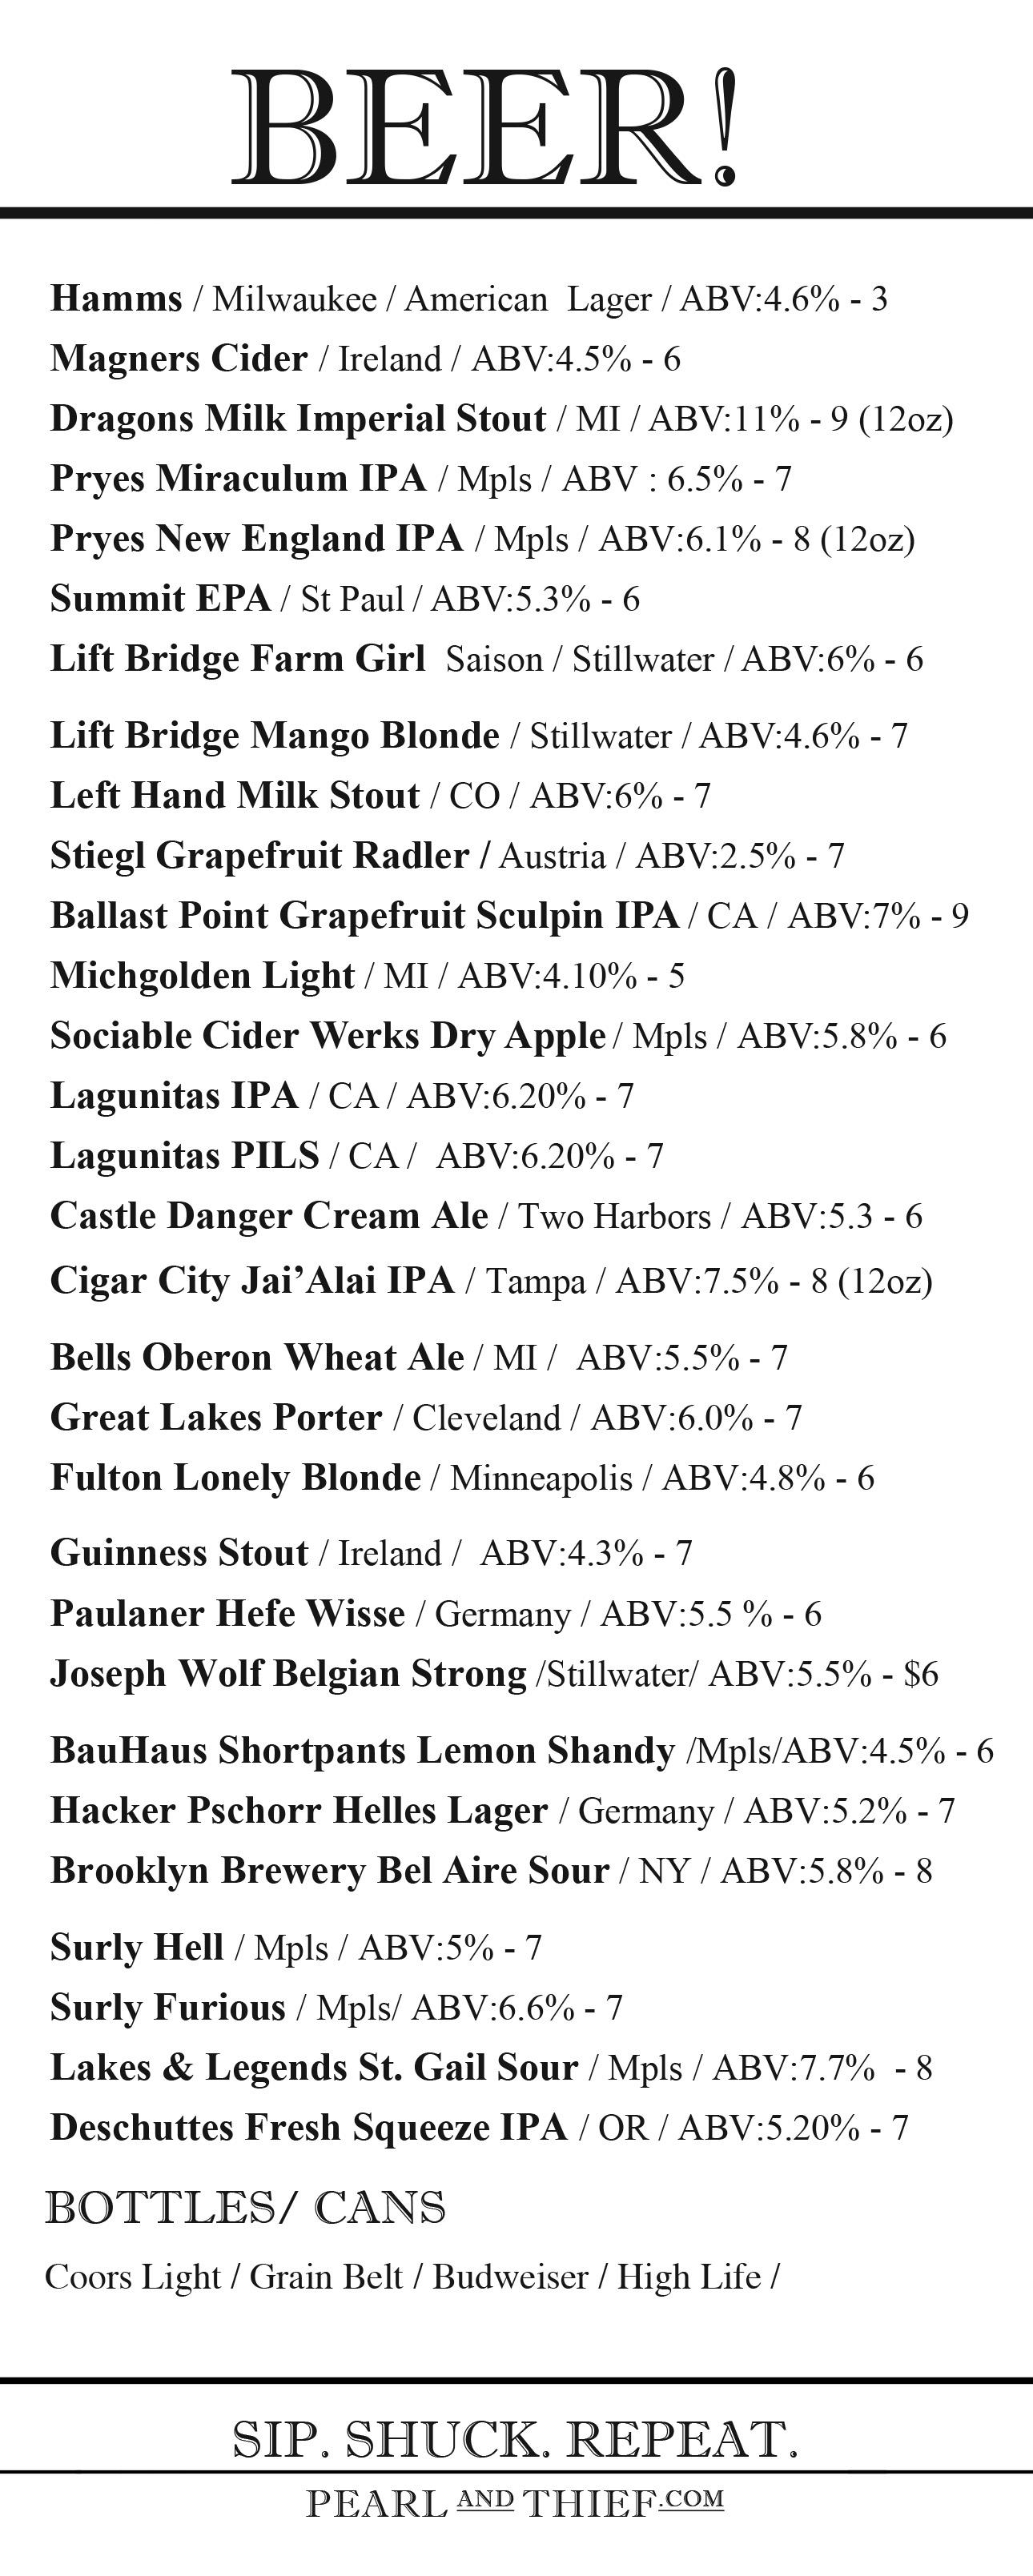 Beer list update 06.21.18.jpg